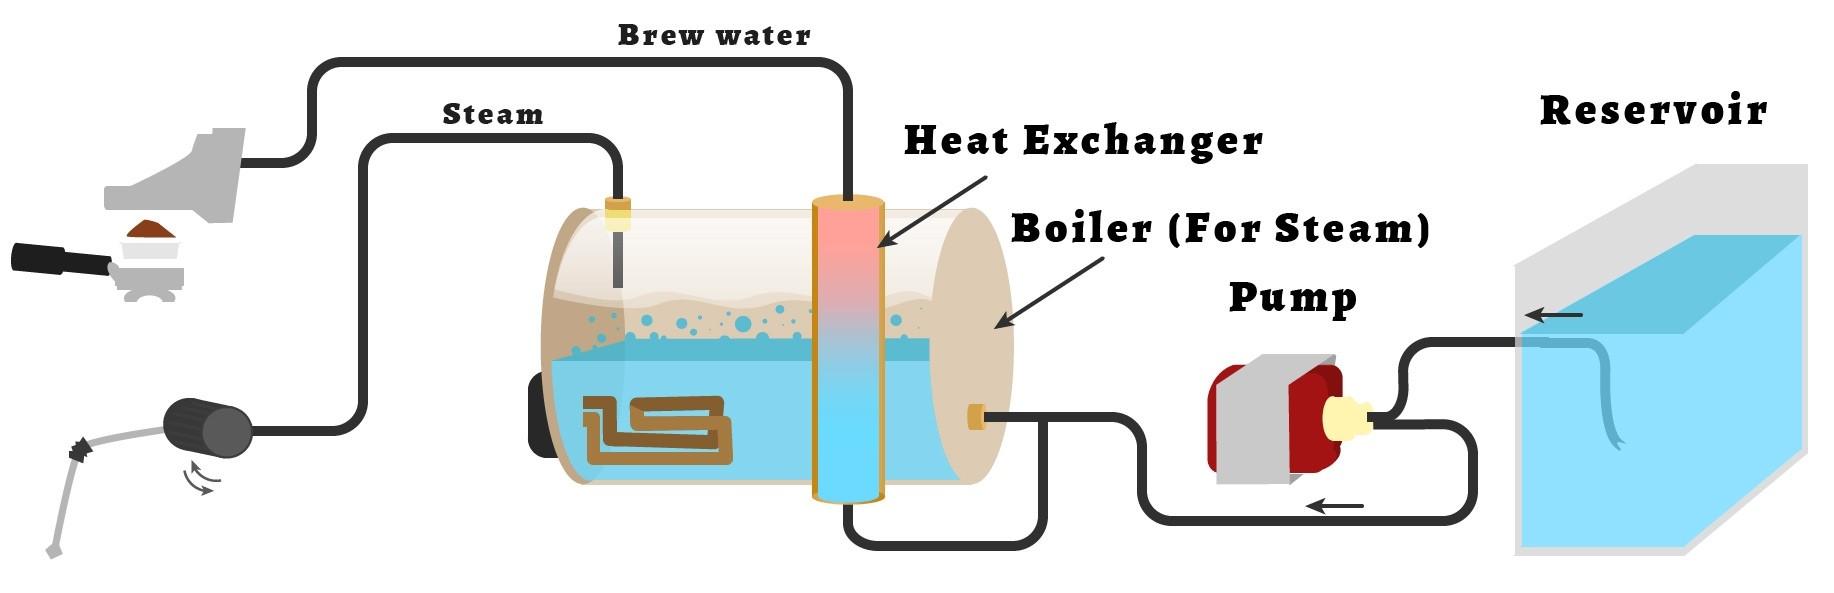 بررسی تفاوت بین دستگاه مولتی بویلر،دوال بویلر،سینگل بویلر و هیت اکسچنپجر